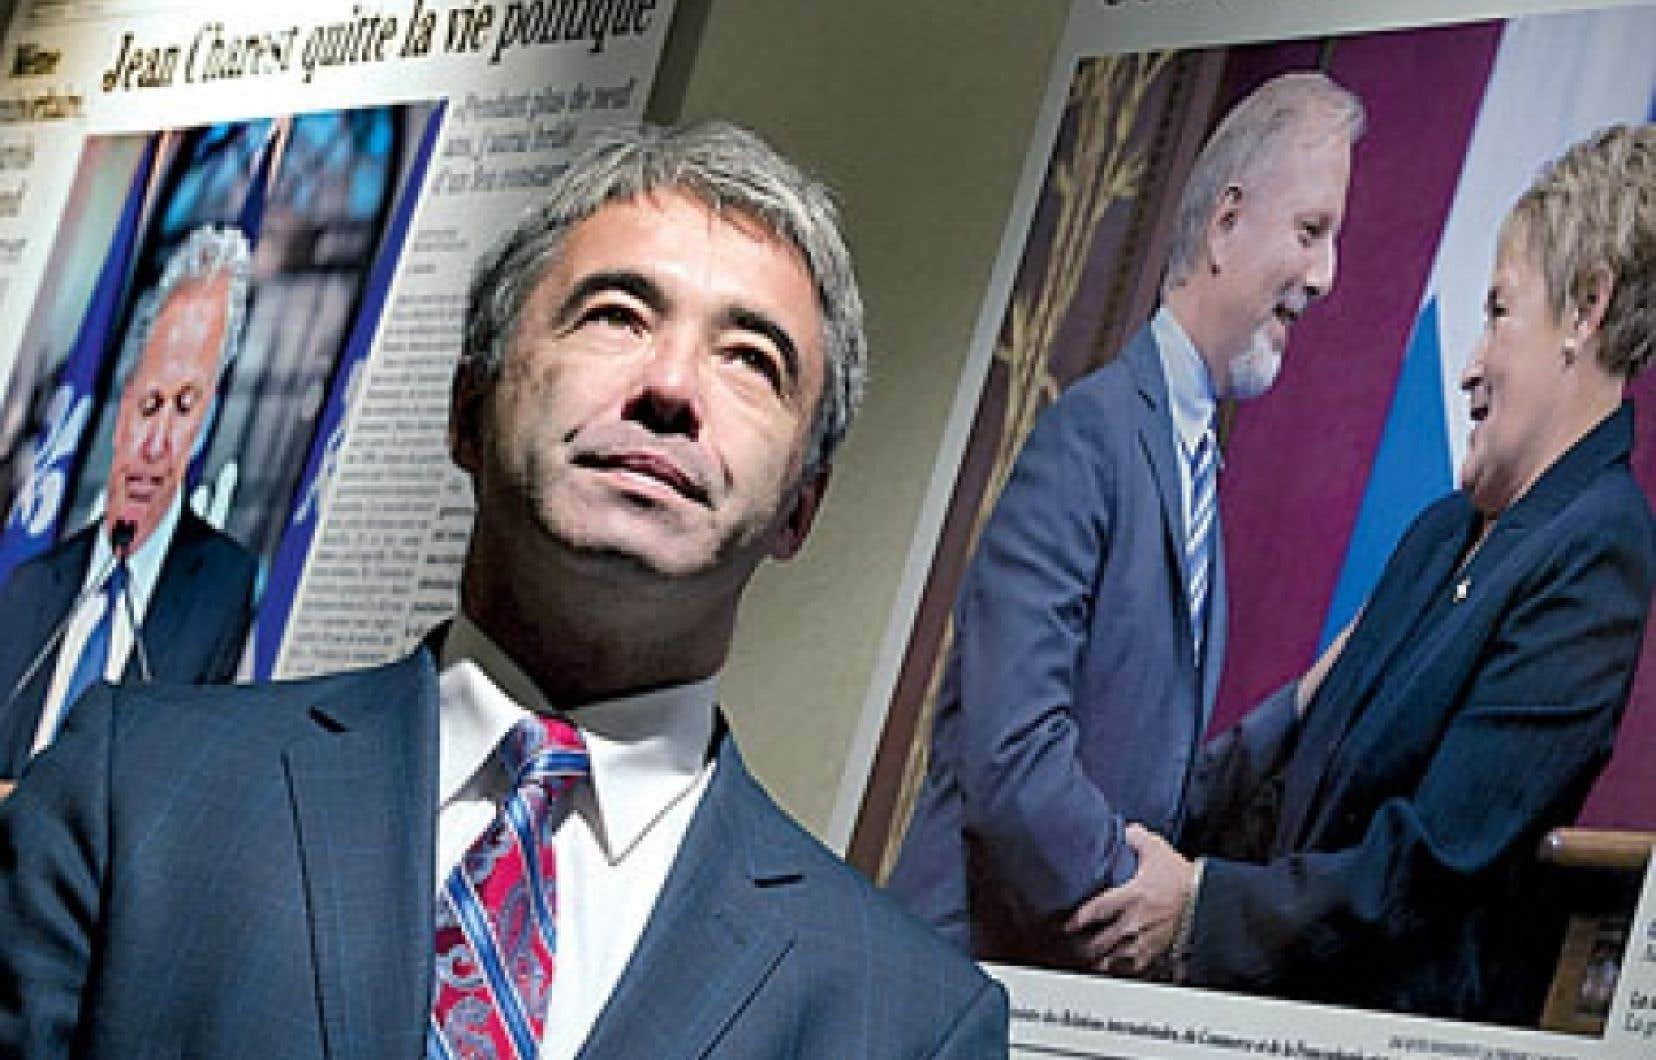 Le député caquiste Stéphane Le Bouyonnec estime que le Québec a besoin d'une telle charte, afin de préciser les balises des accommodements religieux.